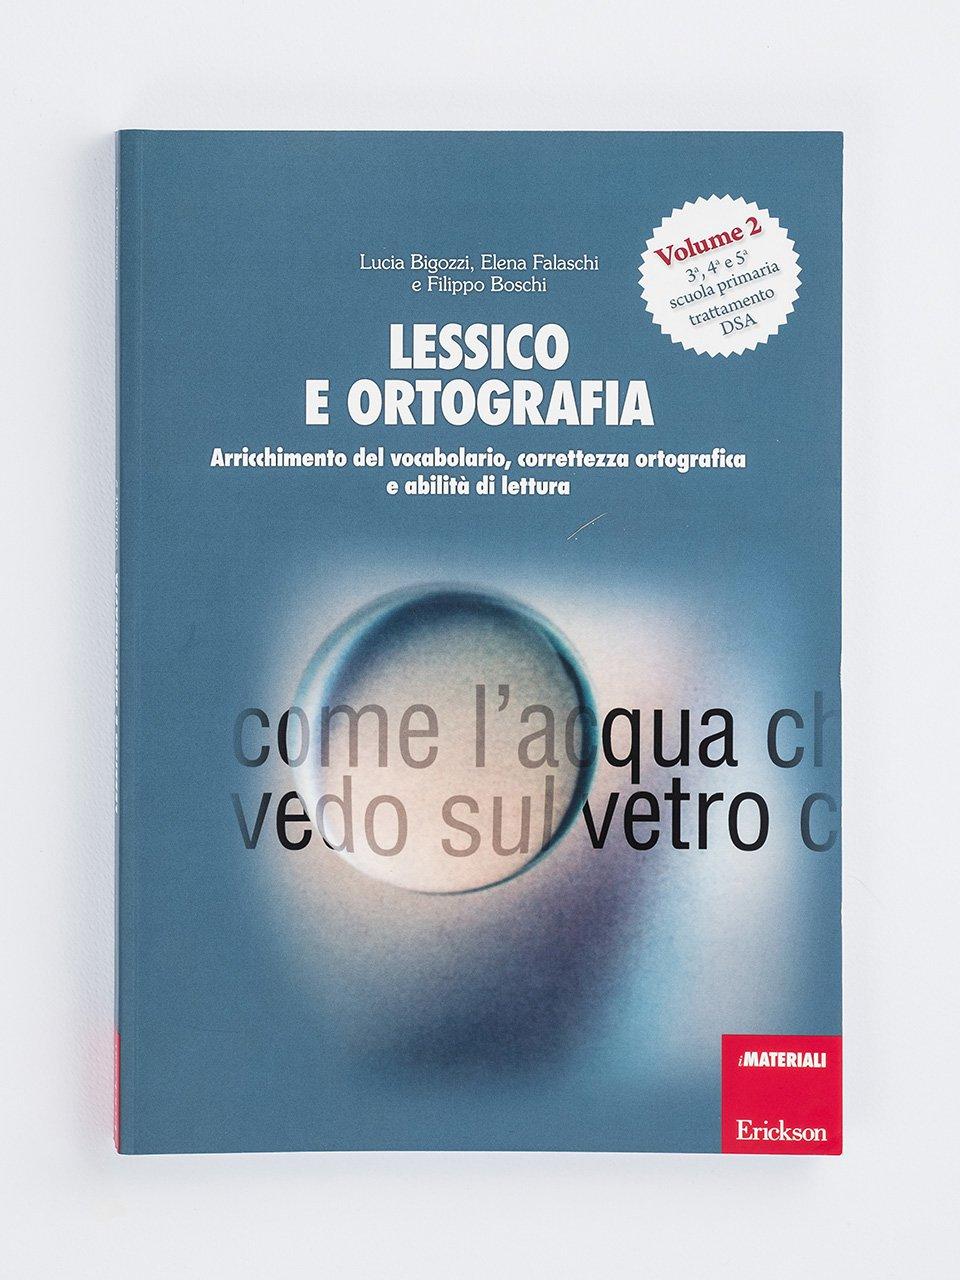 Lessico e ortografia - Volume 2 - Tablet delle regole di Italiano - Libri - Erickson 2